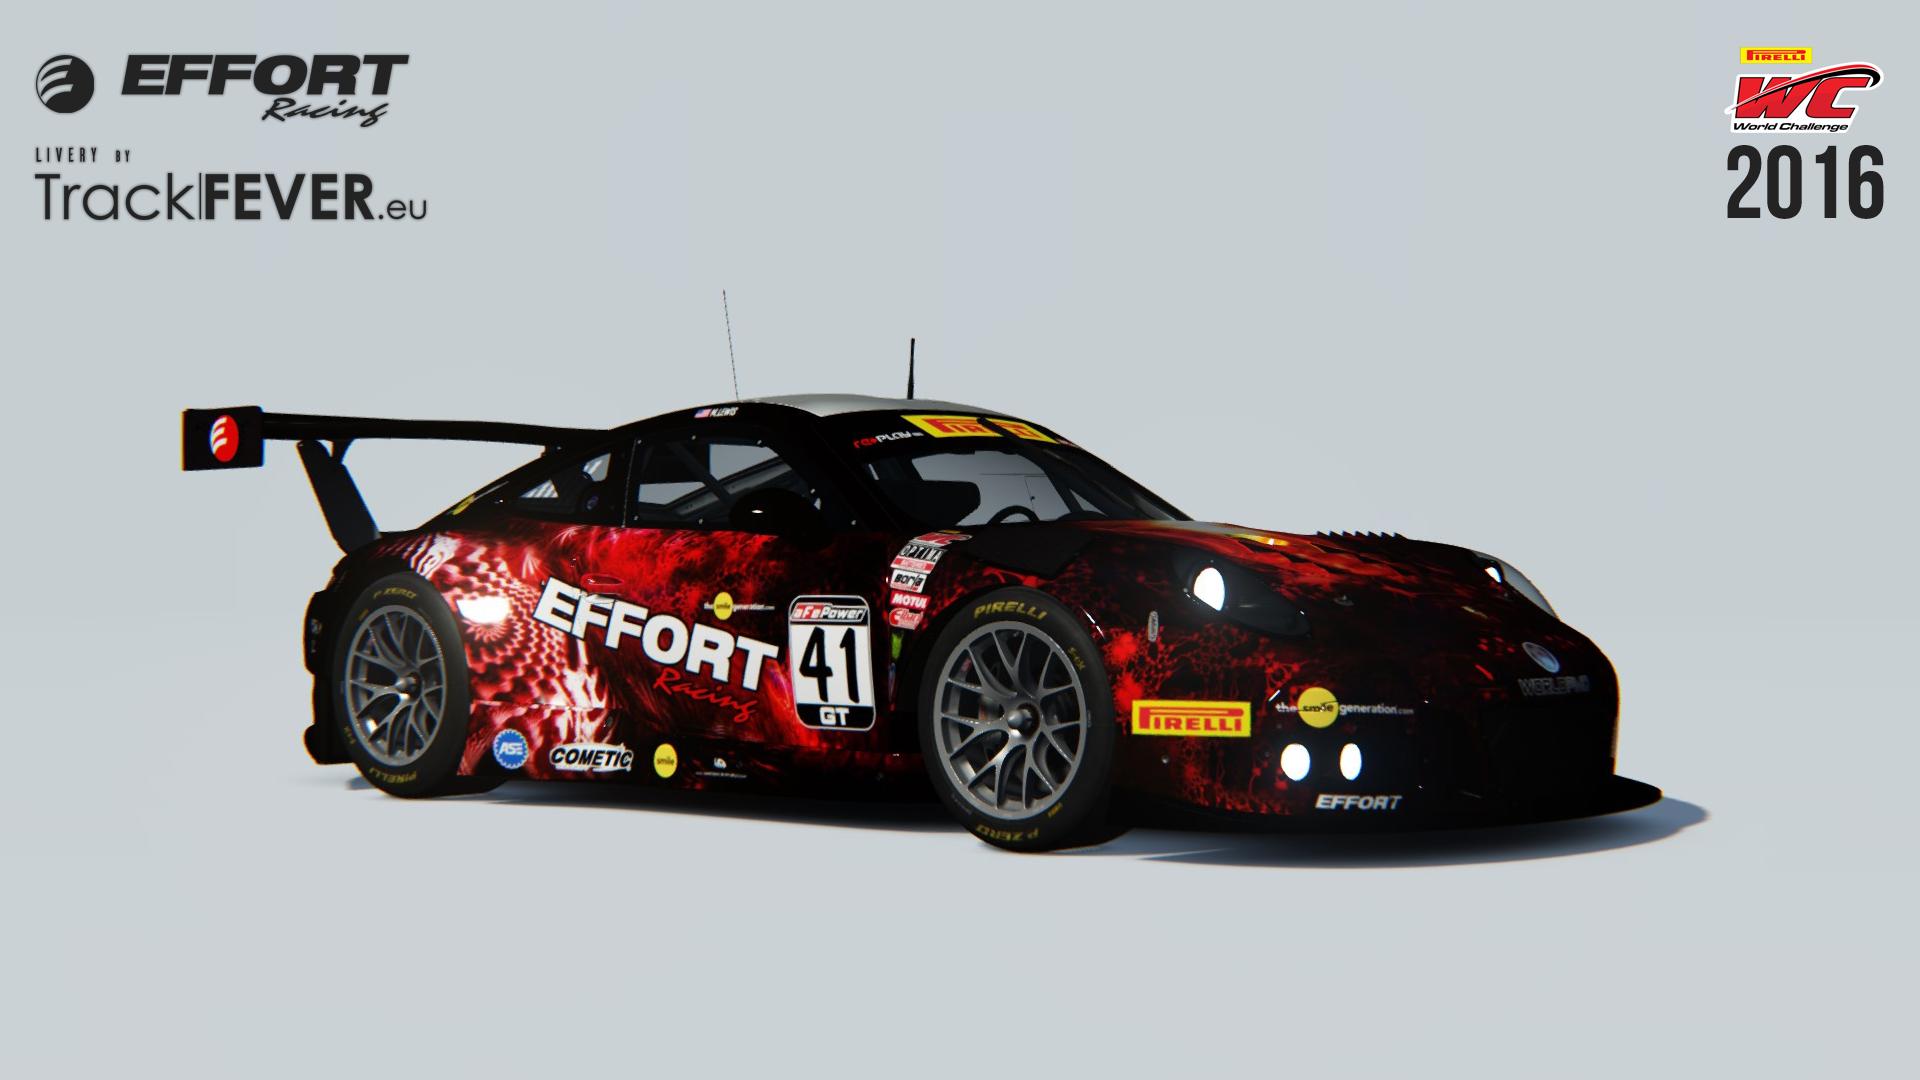 effort_racing_1.jpg